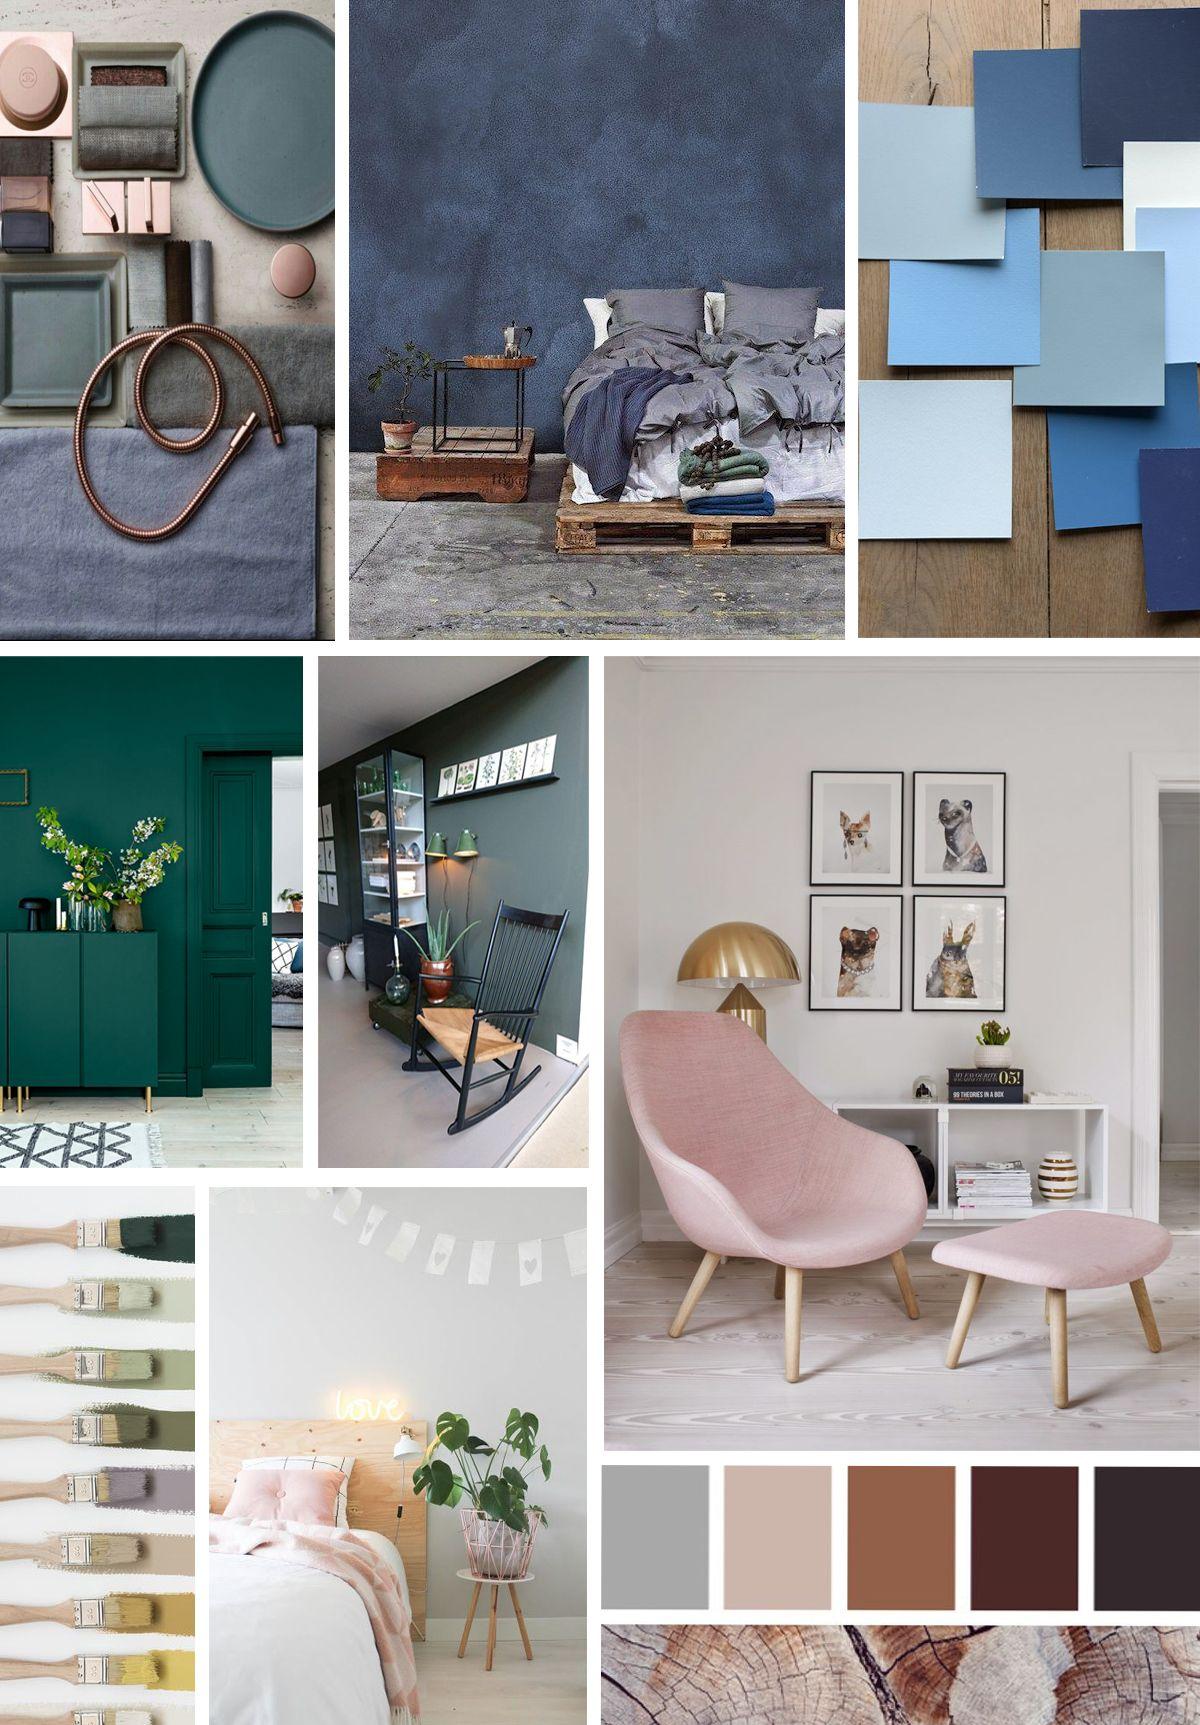 interieur kleuren trend 2018 | Stijlen in 2018 | Pinterest | Wall ...